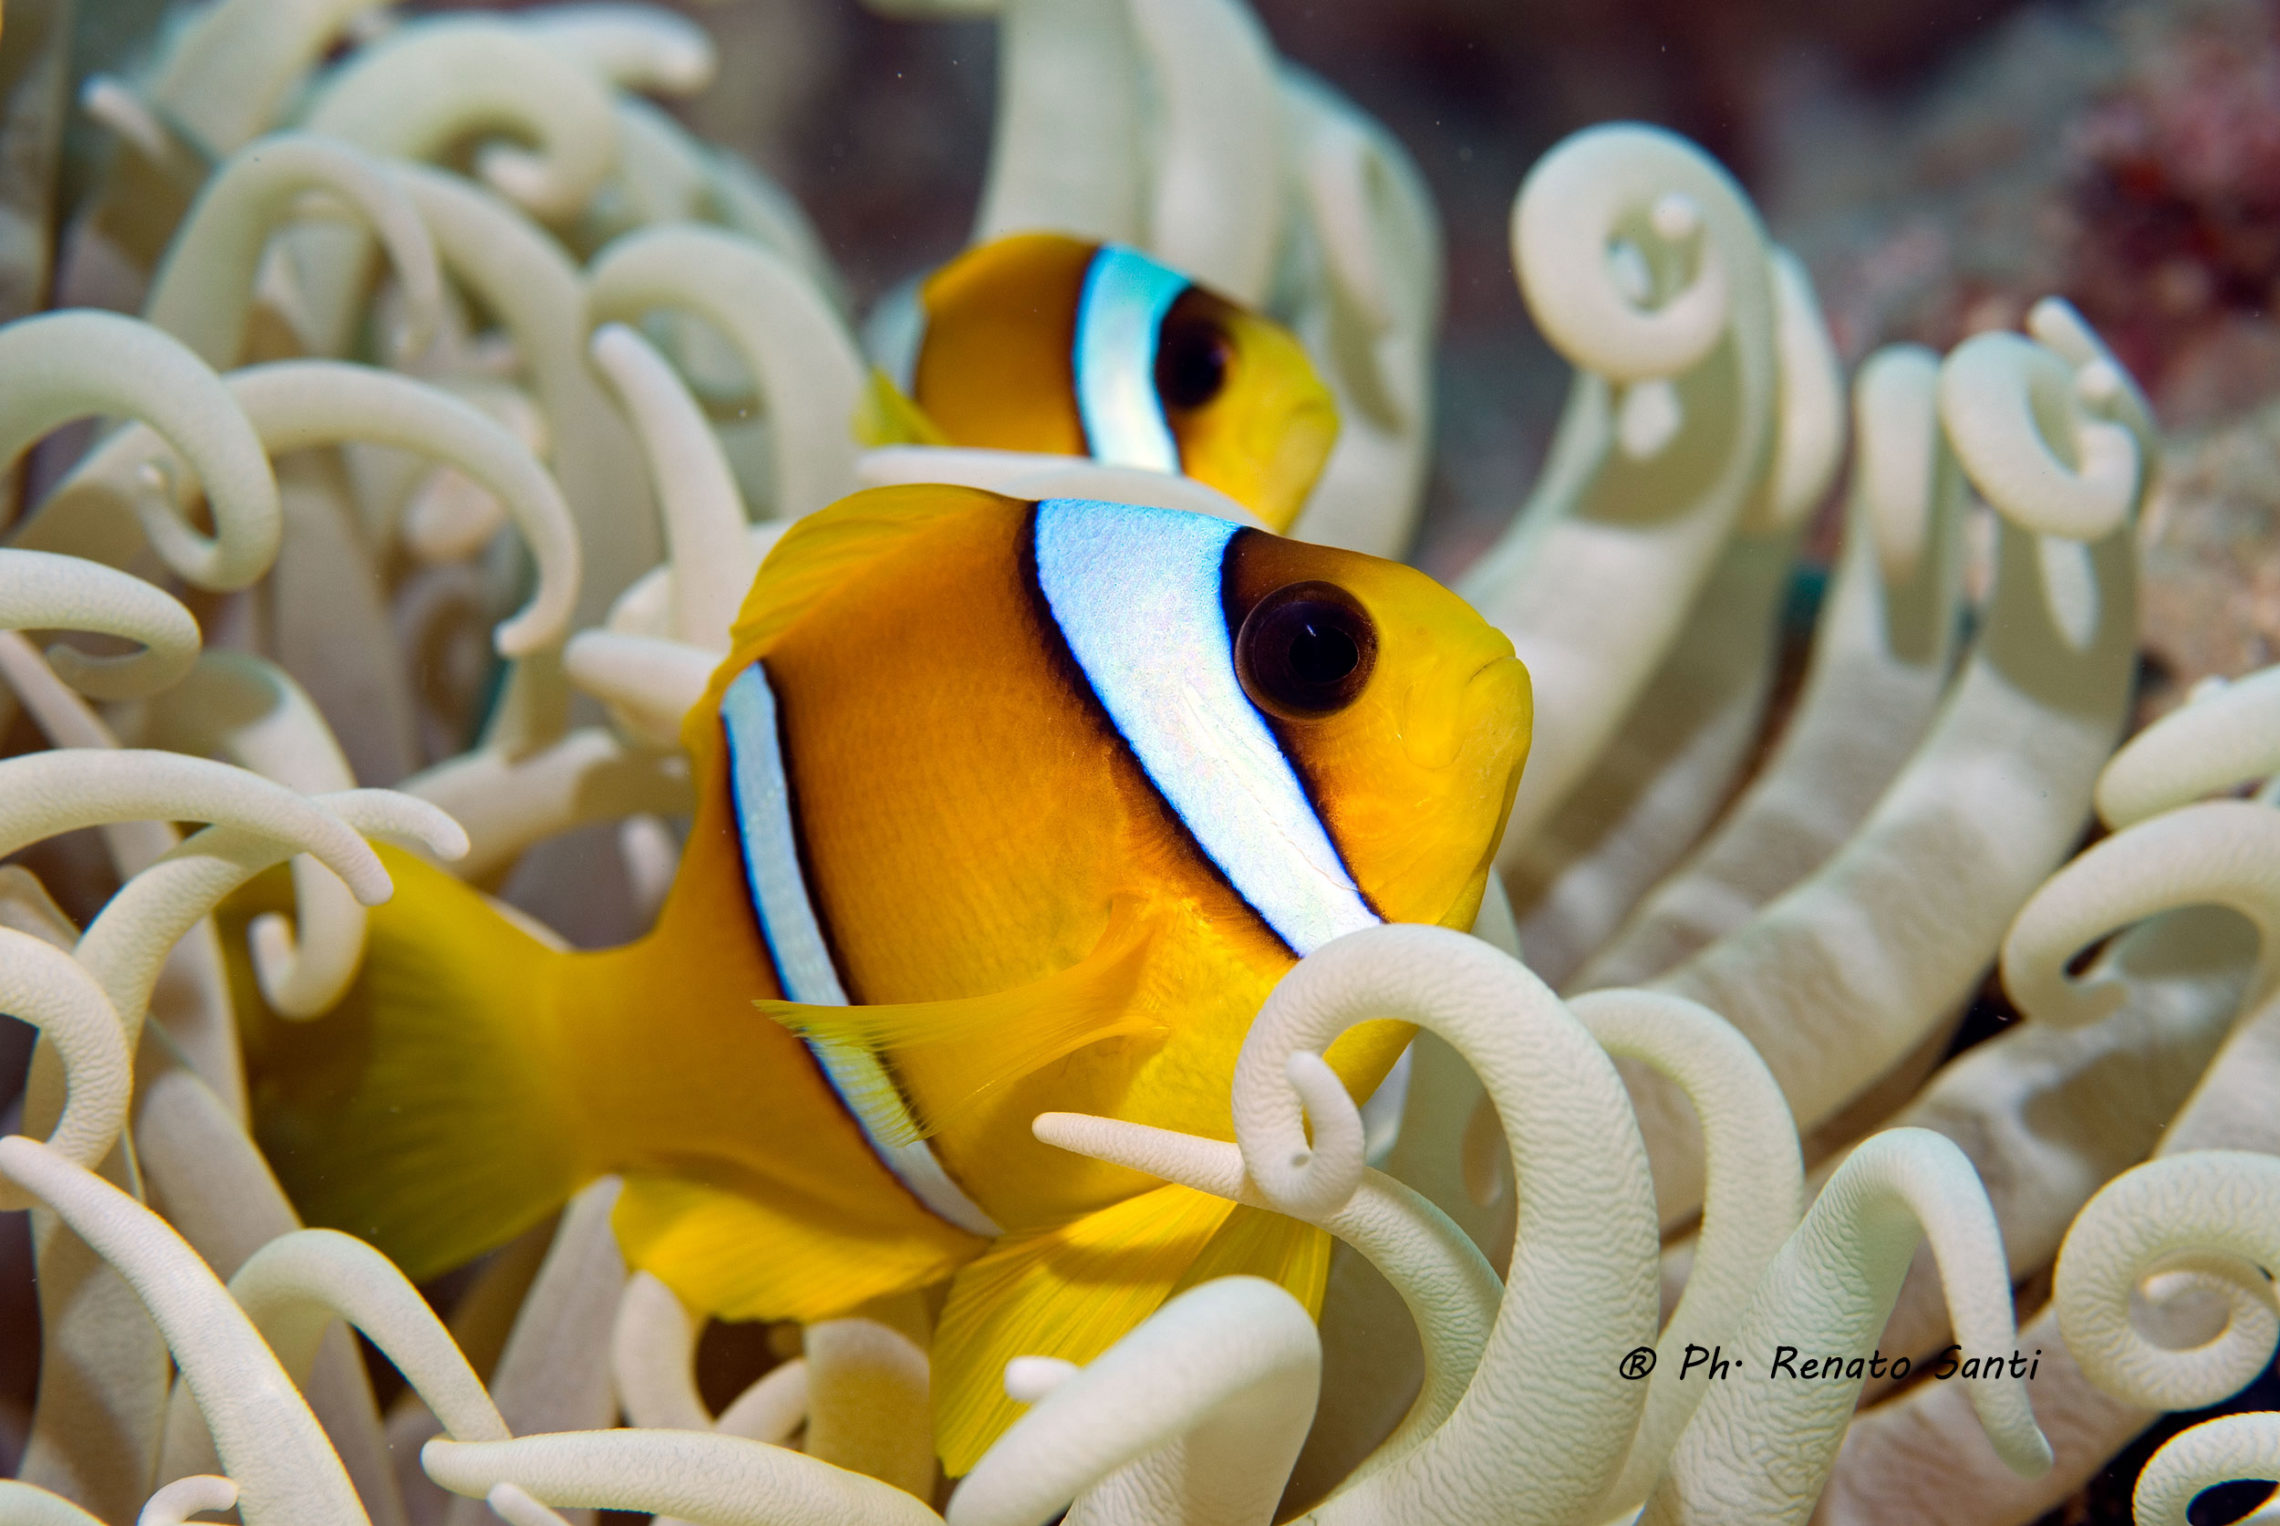 pesce nelle quotazioni di incontri di mare